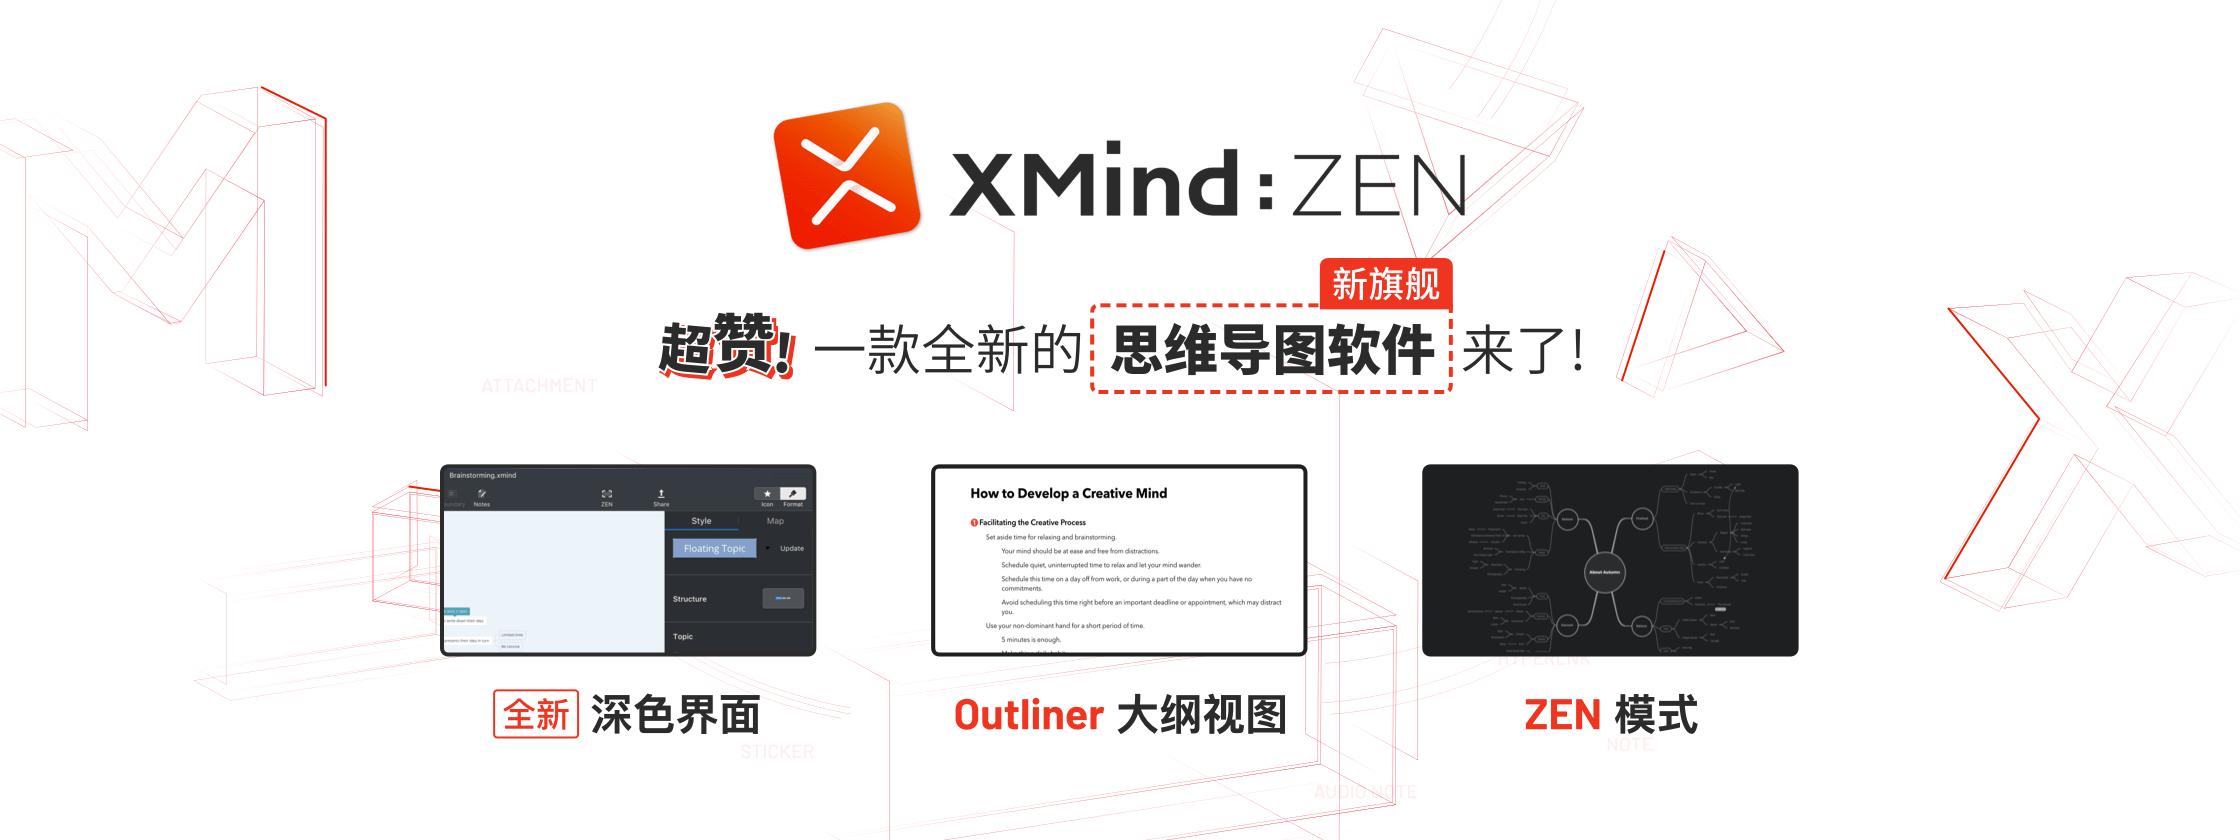 XMind 2020: 超赞!一款全新的思维导图软件来了!